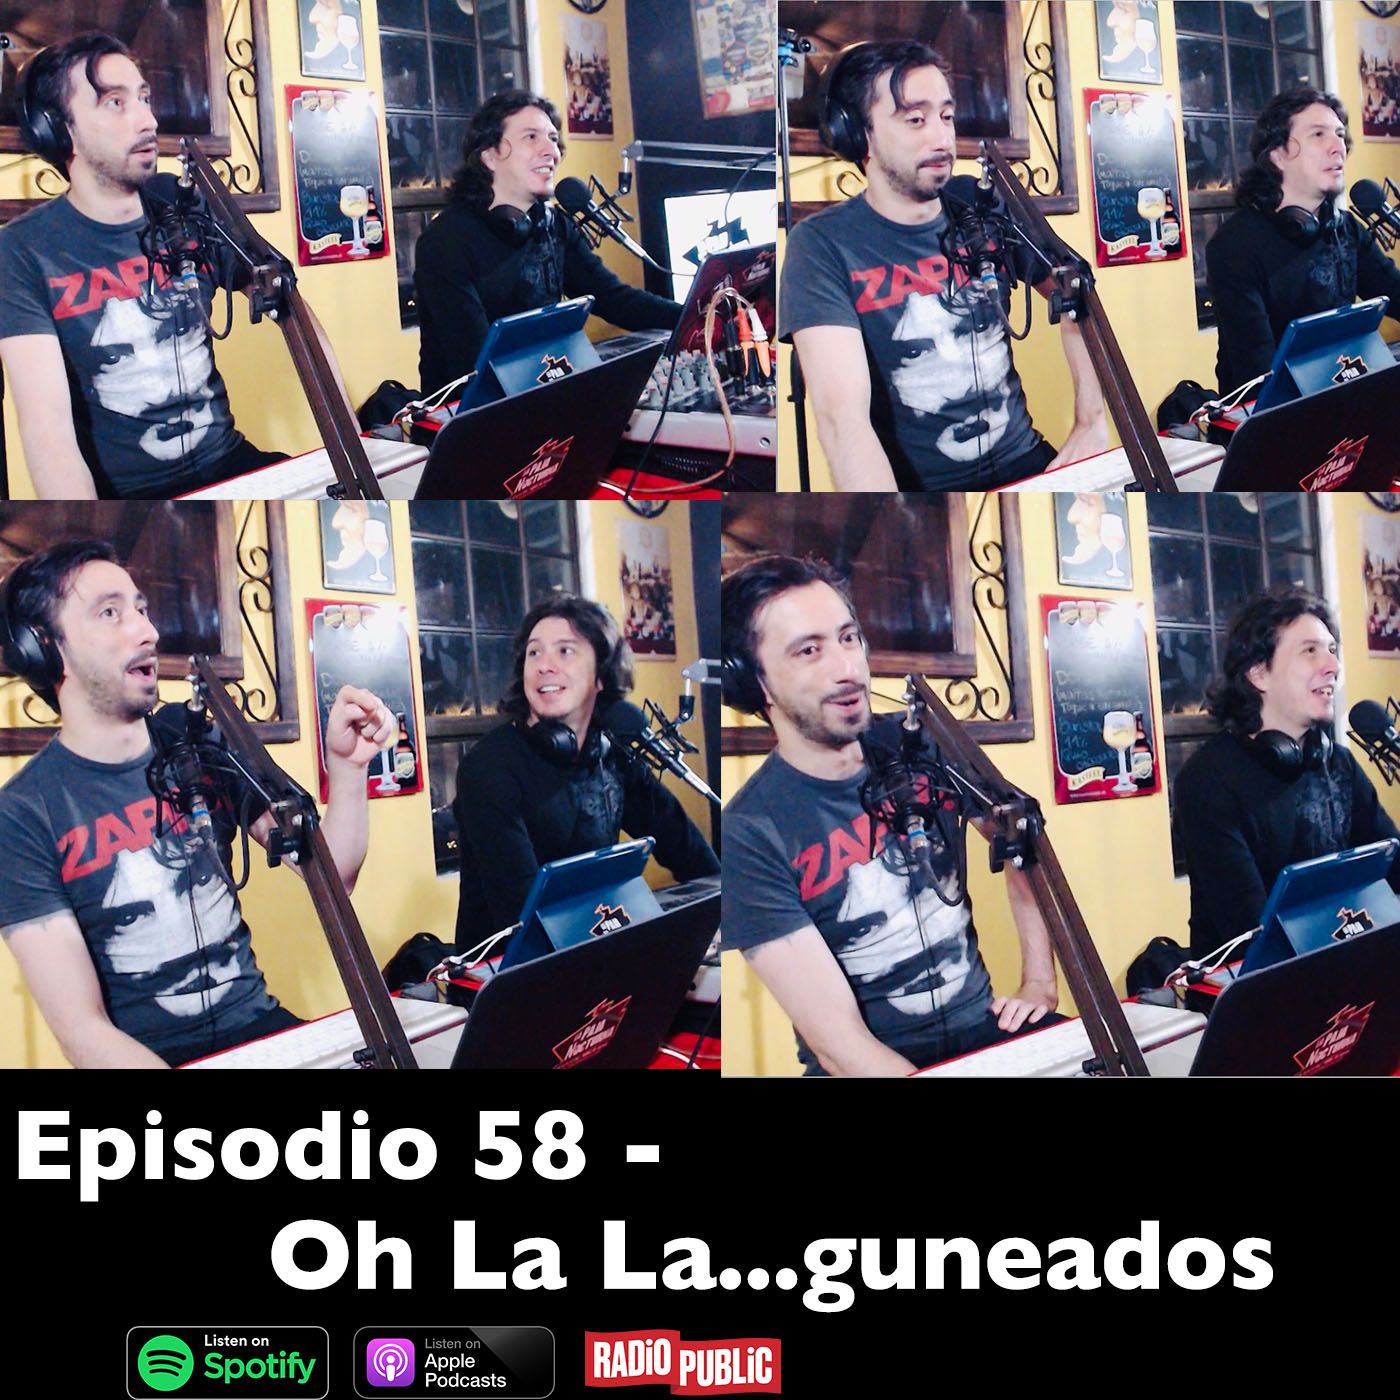 La paja nocturna podcast Episodio 58